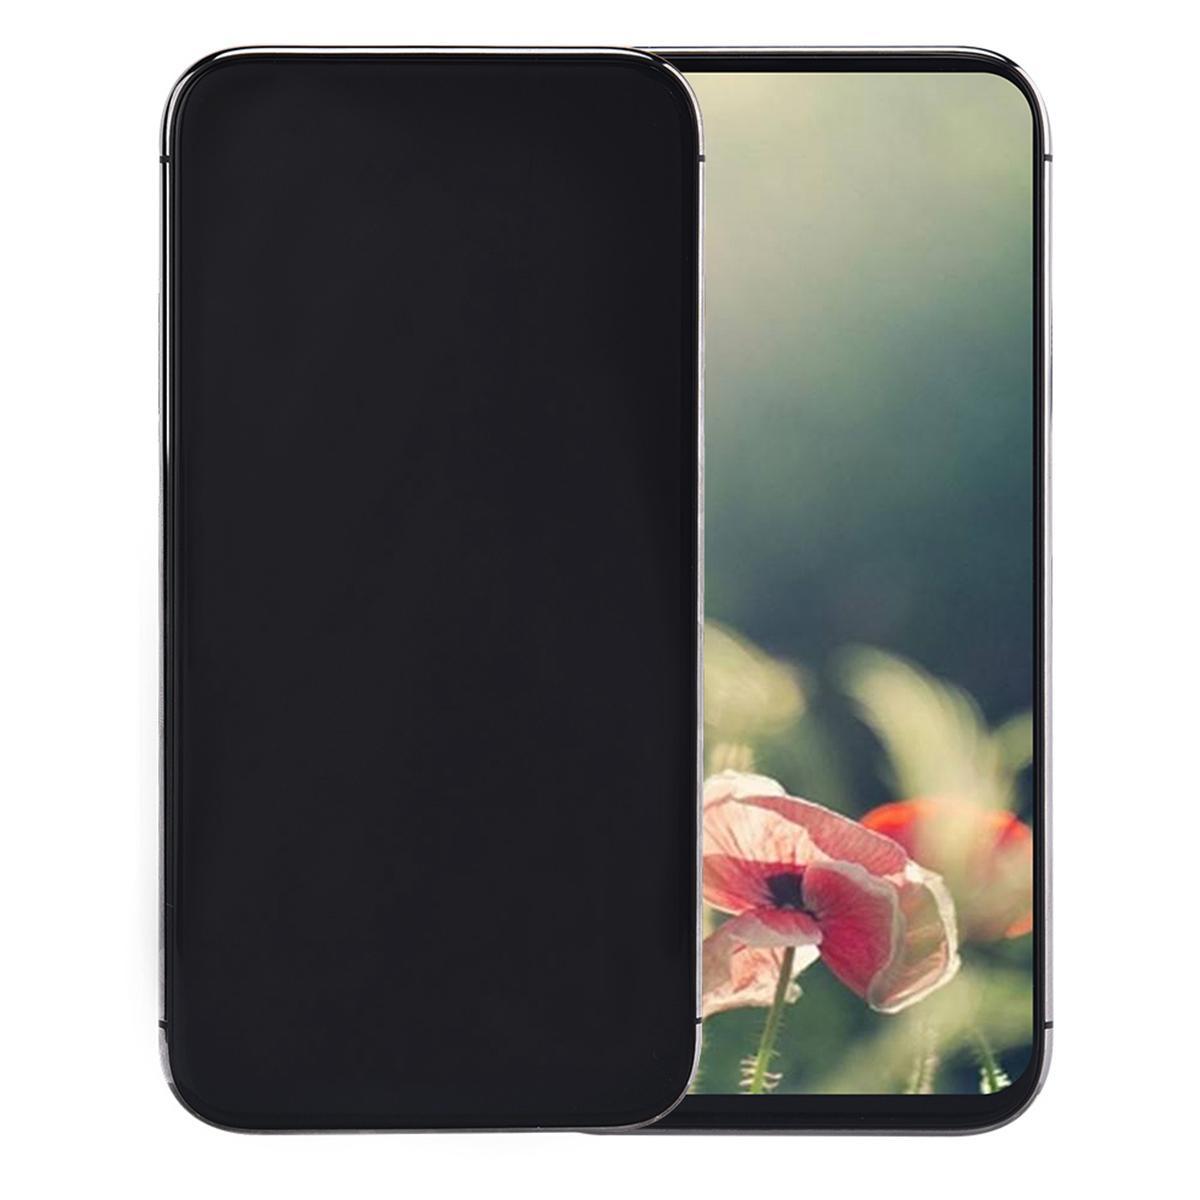 2GB 16GB Goophone i11 Pro Max V4 ID de cara de face sem fio Quad Núcleo 6.5 polegadas All Tela IPS HD + 12MP Câmera Metal Quadro Android Smartphone